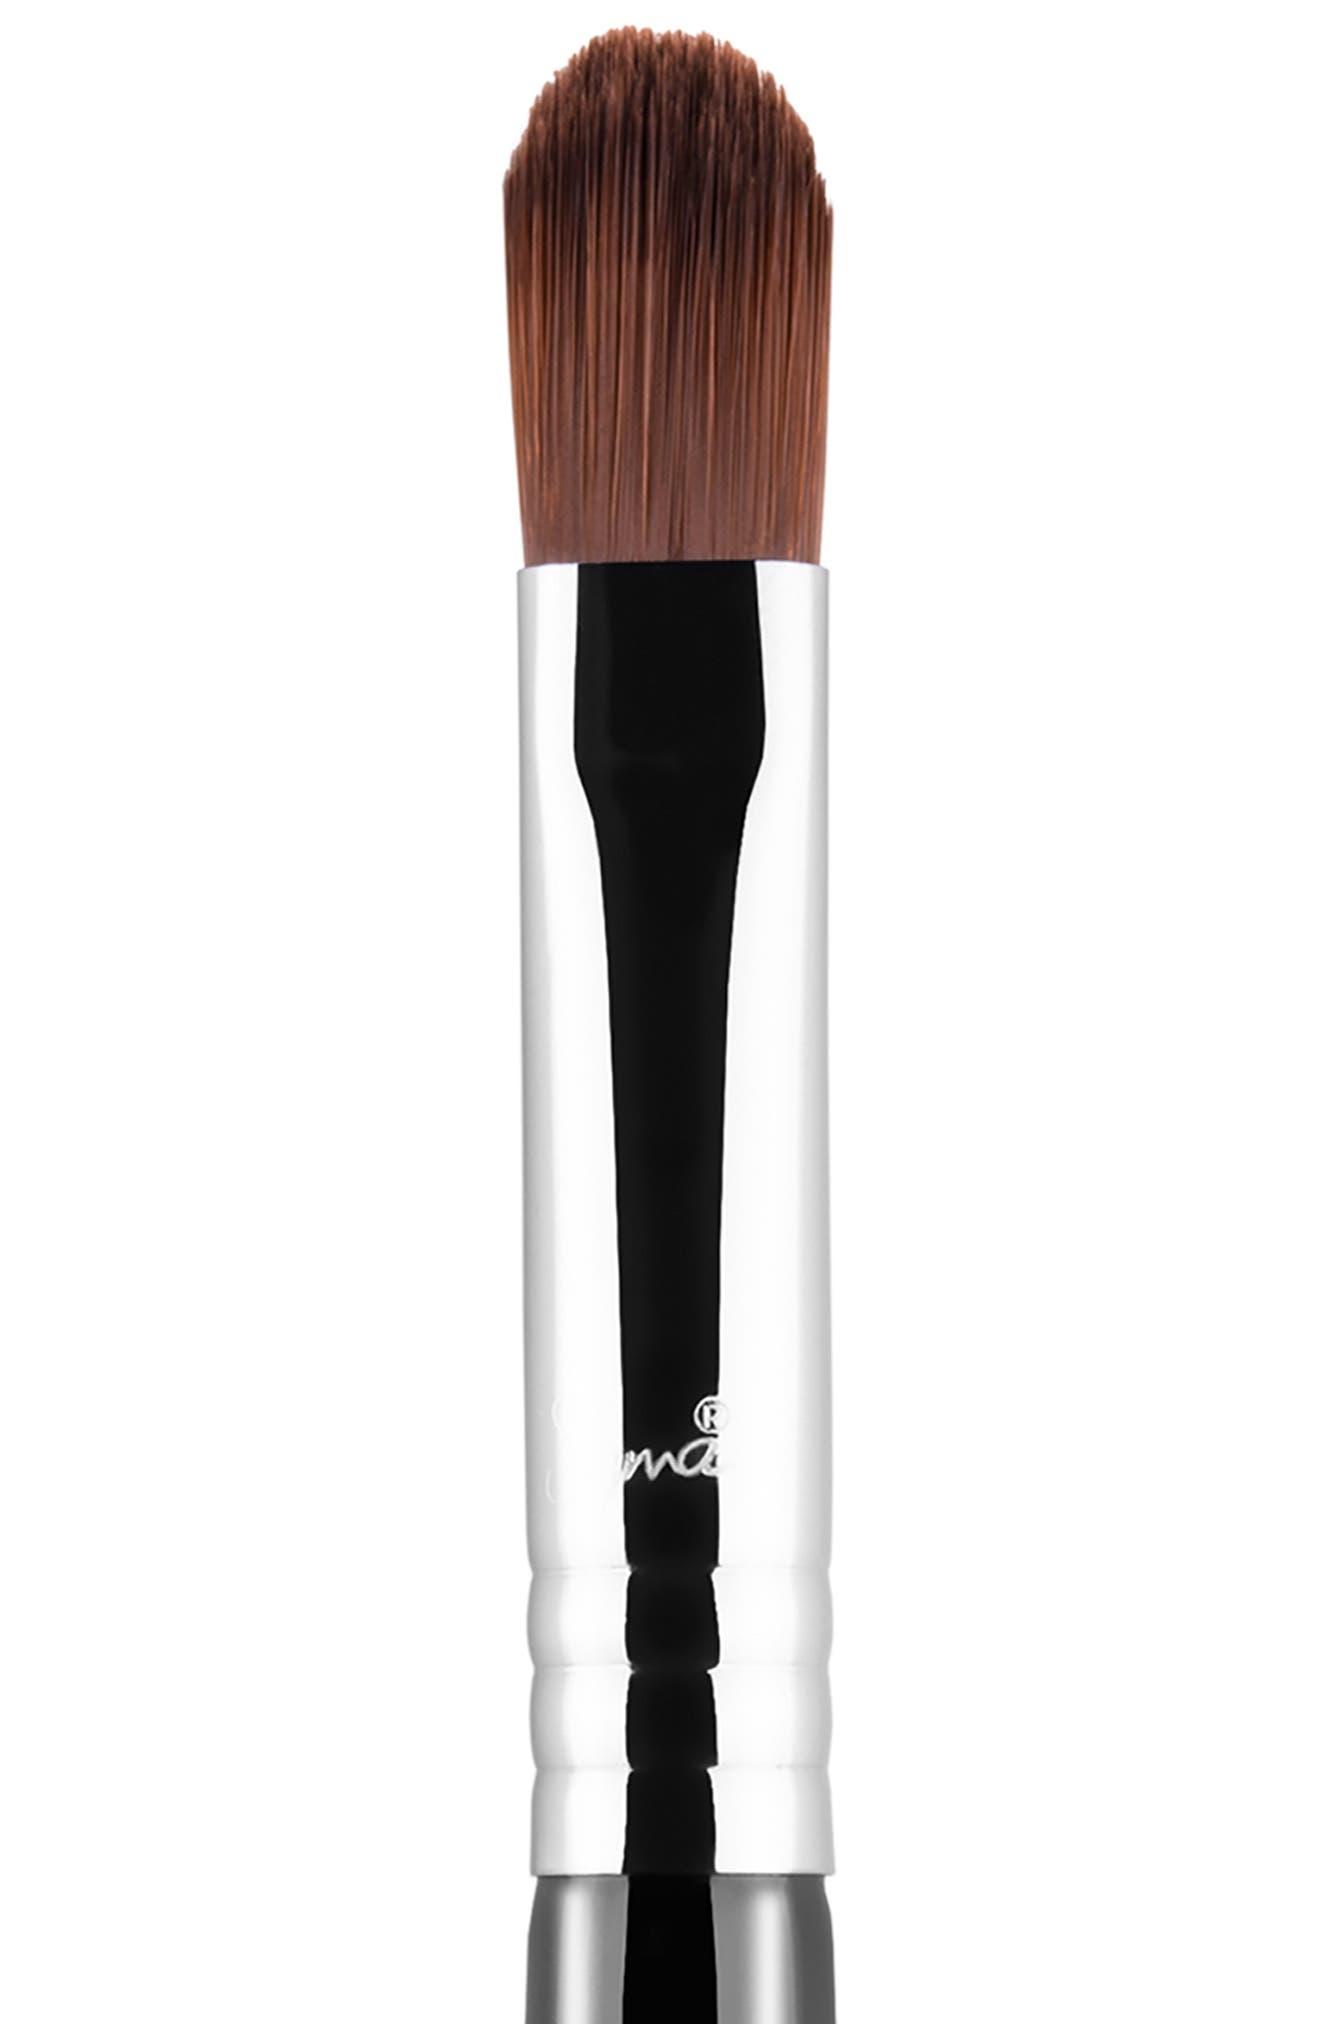 E58 Cream Color Brush,                             Alternate thumbnail 3, color,                             NO COLOR